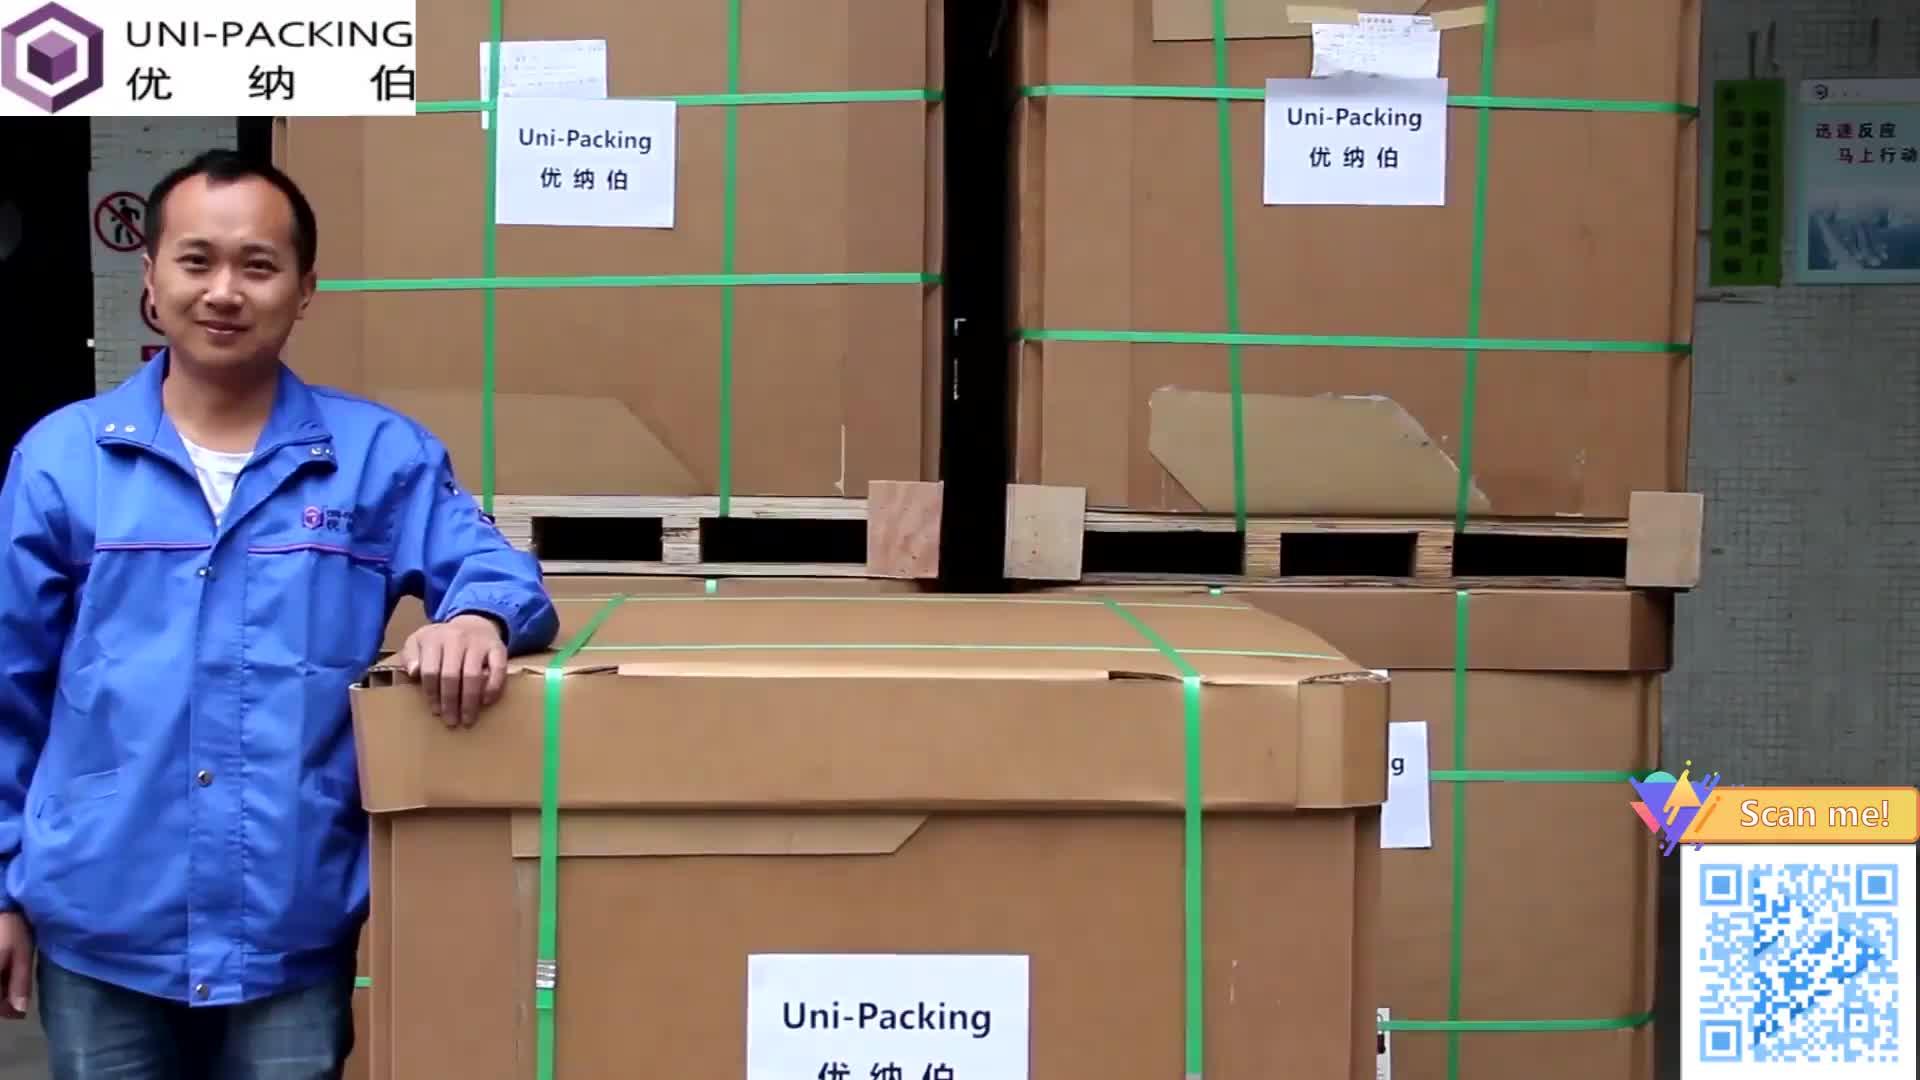 1 टन कंटेनर तह वर्ग तरल गत्ता कागज IBC कंटेनर के लिए चीनी सिरप